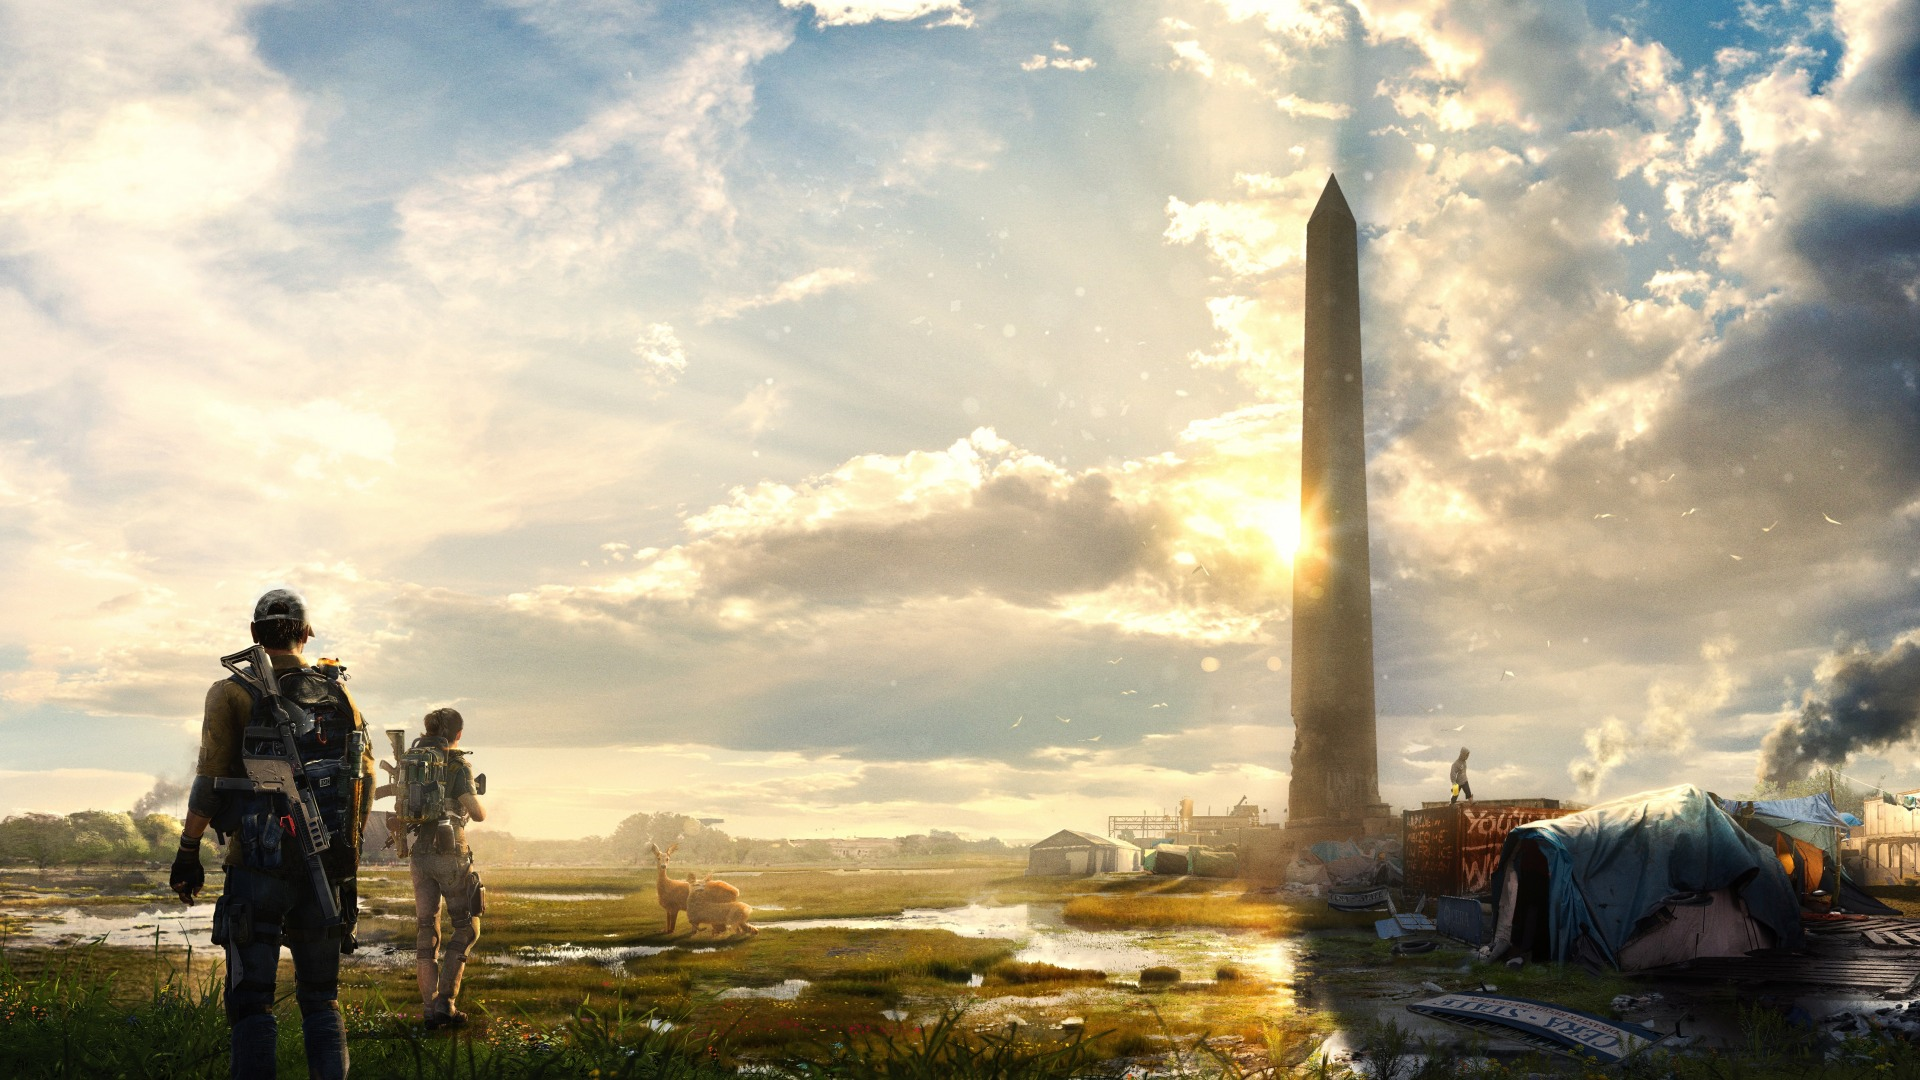 О сюжете и геймплейных возможностях The Division 2 в предрелизном трейлере